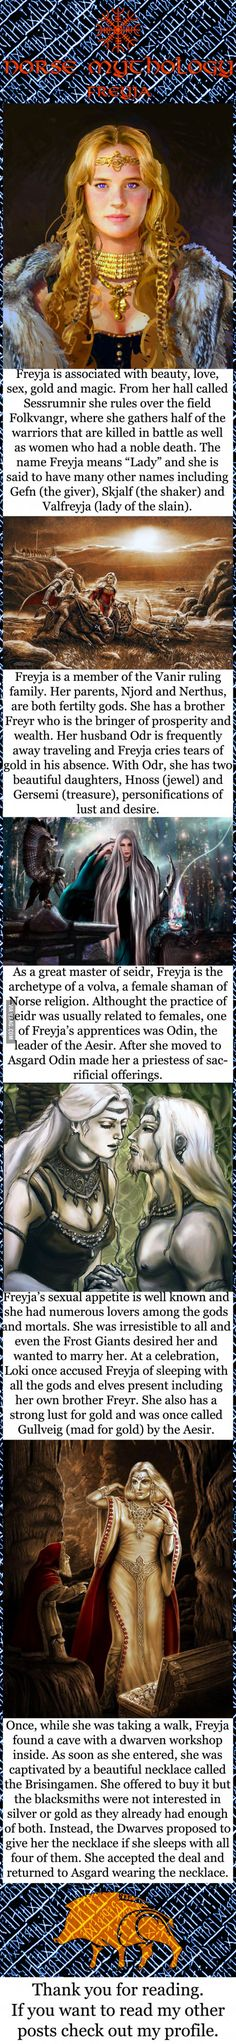 Norse mythology - Freyja                                                                                                                                                                                 More